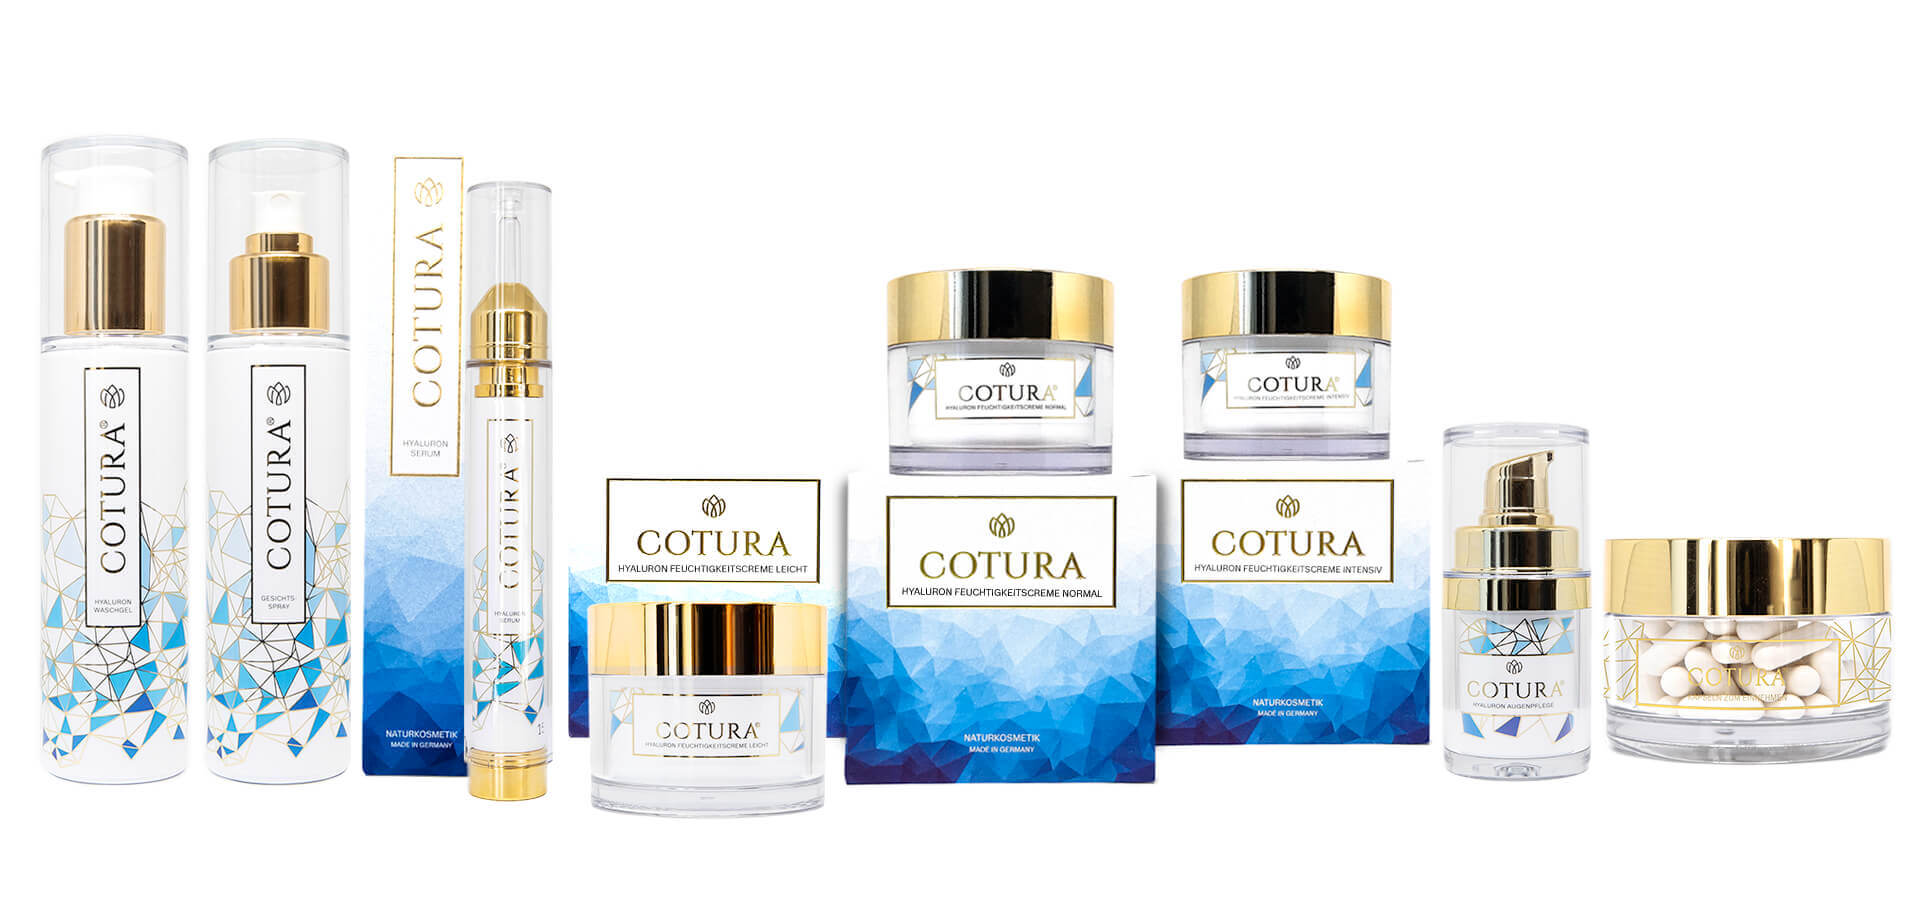 Verpackungsdesign / packaging design / Etikettendesign für cotura